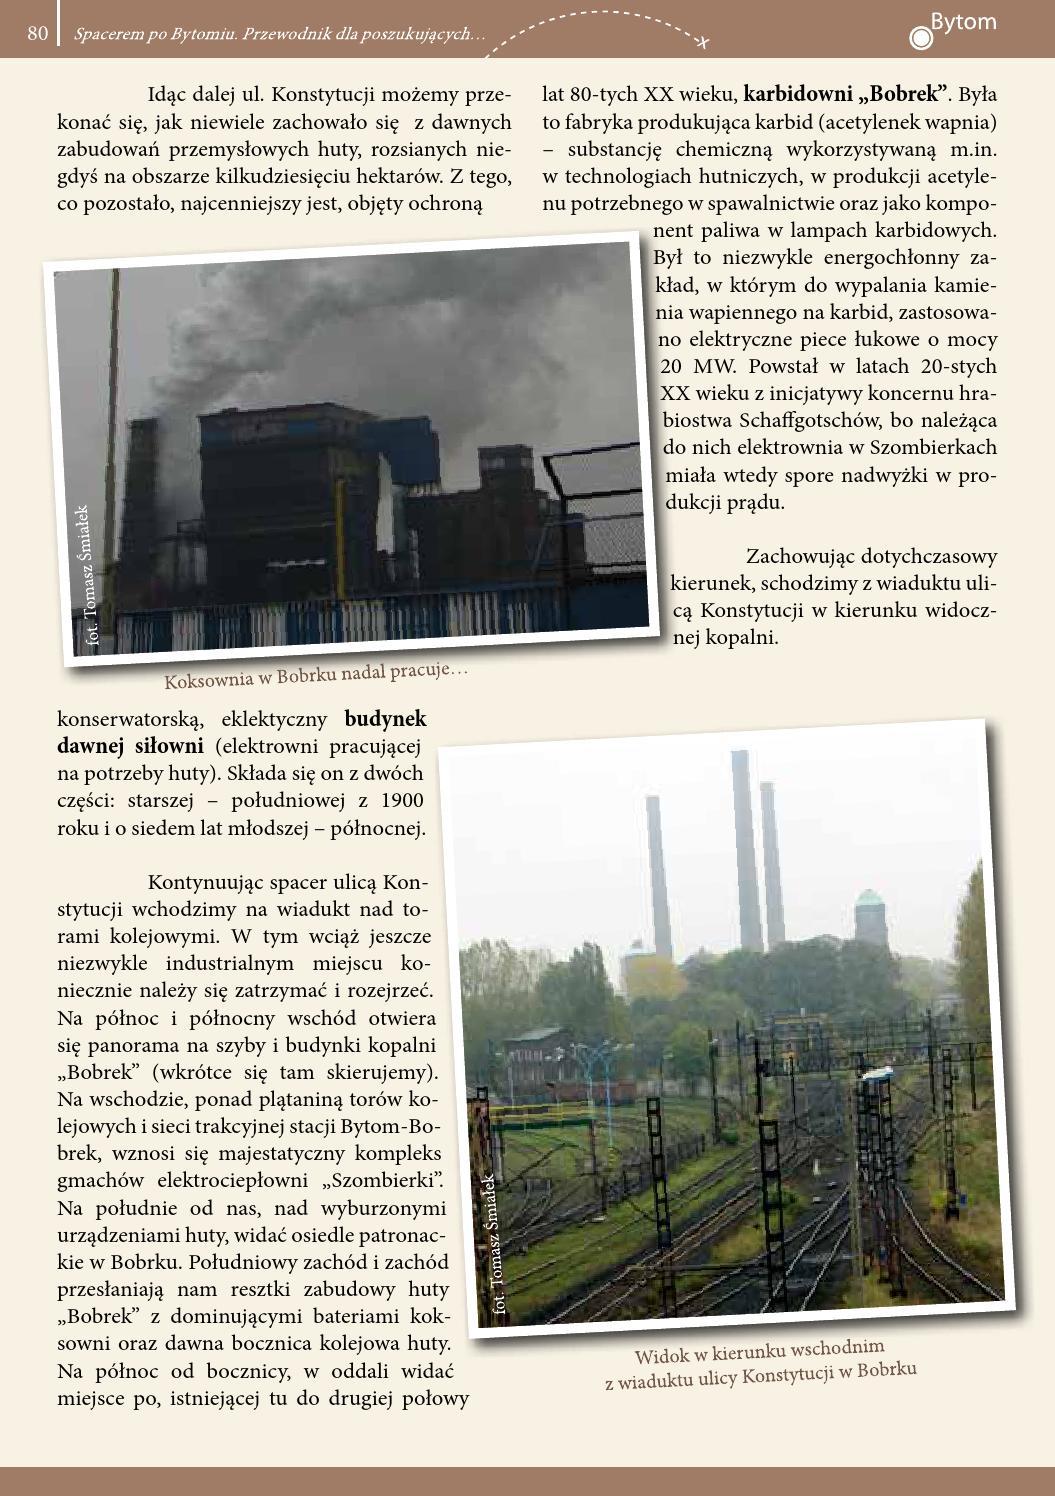 Spacerem po Bytomiu by Biuro Promocji Bytomia issuu